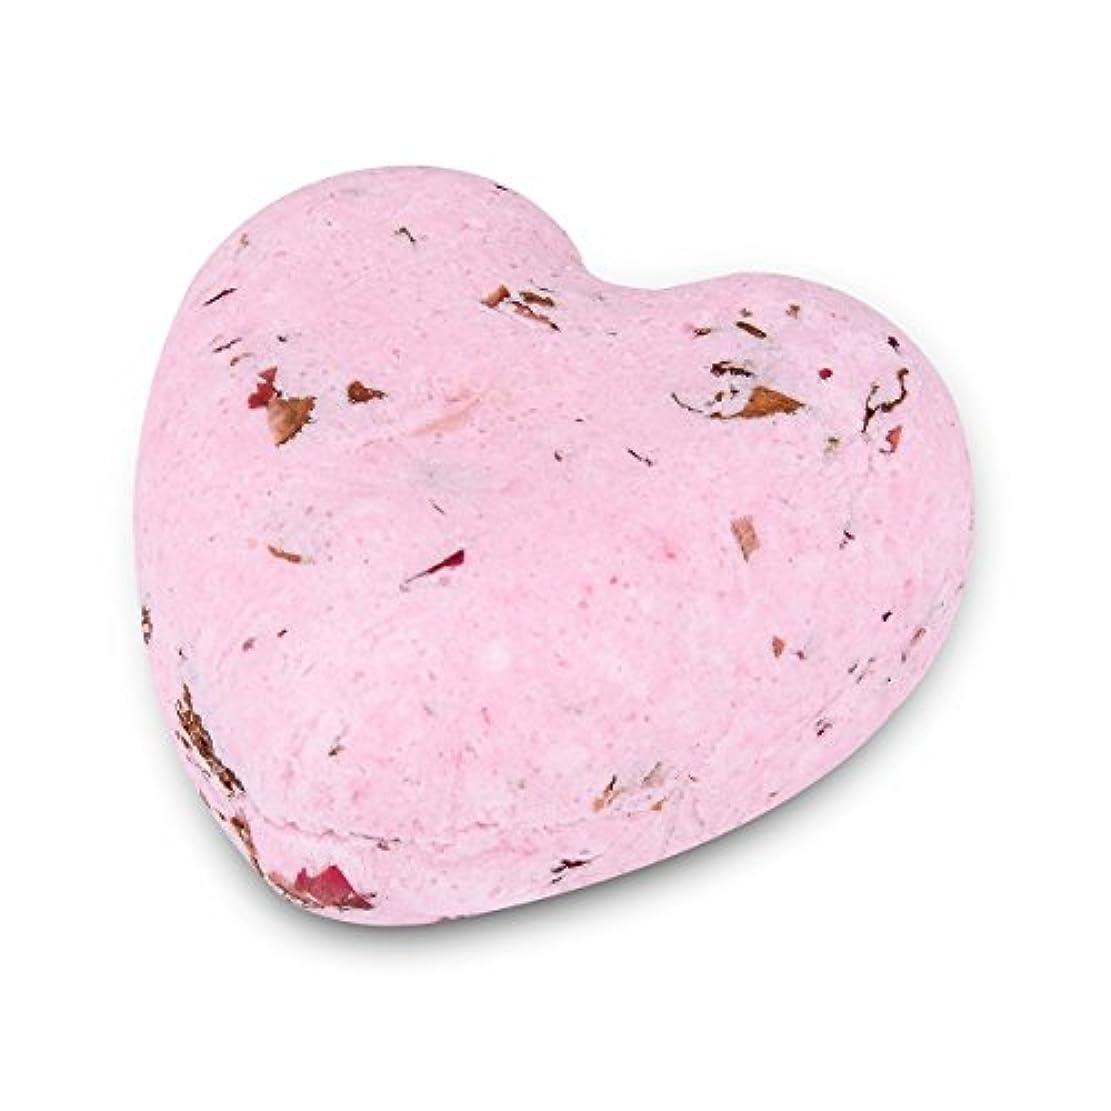 楽しいリットルオピエートHOUSWEETY ローズの香り ハート型 バスボム 炭酸入浴剤 入浴料 海塩 アロマオイル バスボール 1個入り